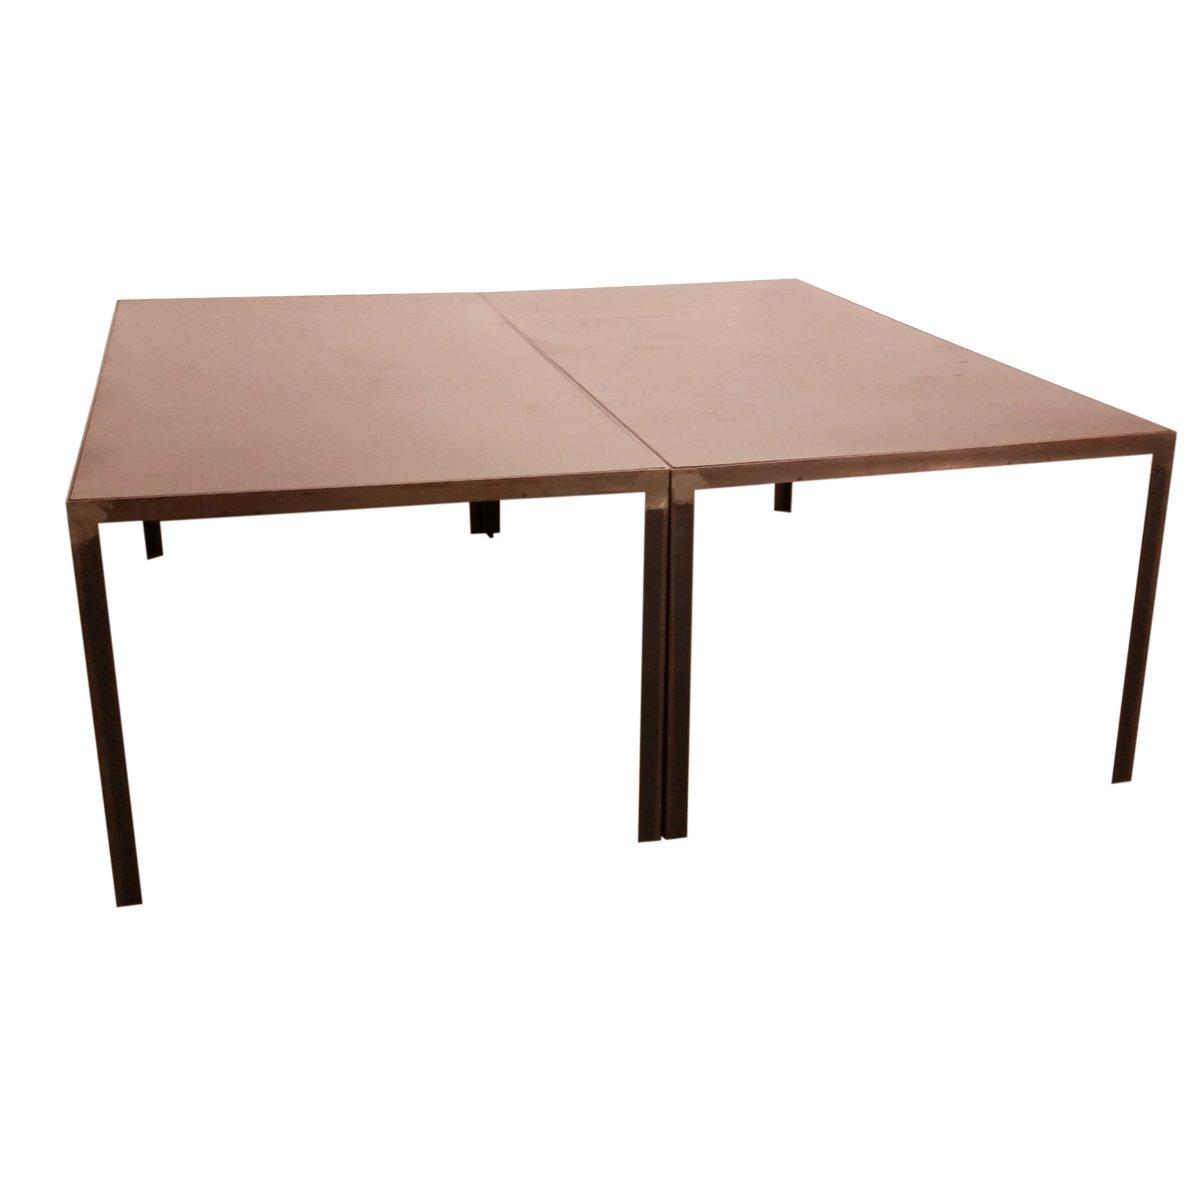 gro er handgemachter vintage tisch bei pamono kaufen. Black Bedroom Furniture Sets. Home Design Ideas